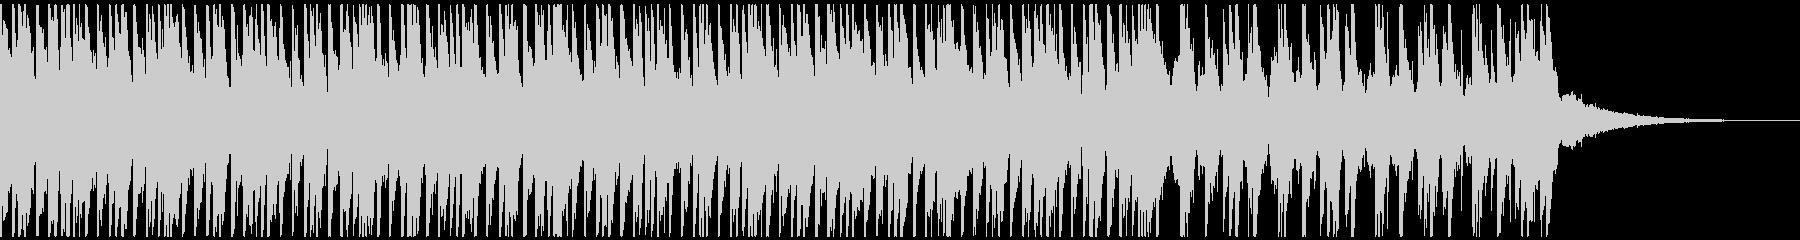 トロピカルハウスパーティー(40秒)の未再生の波形